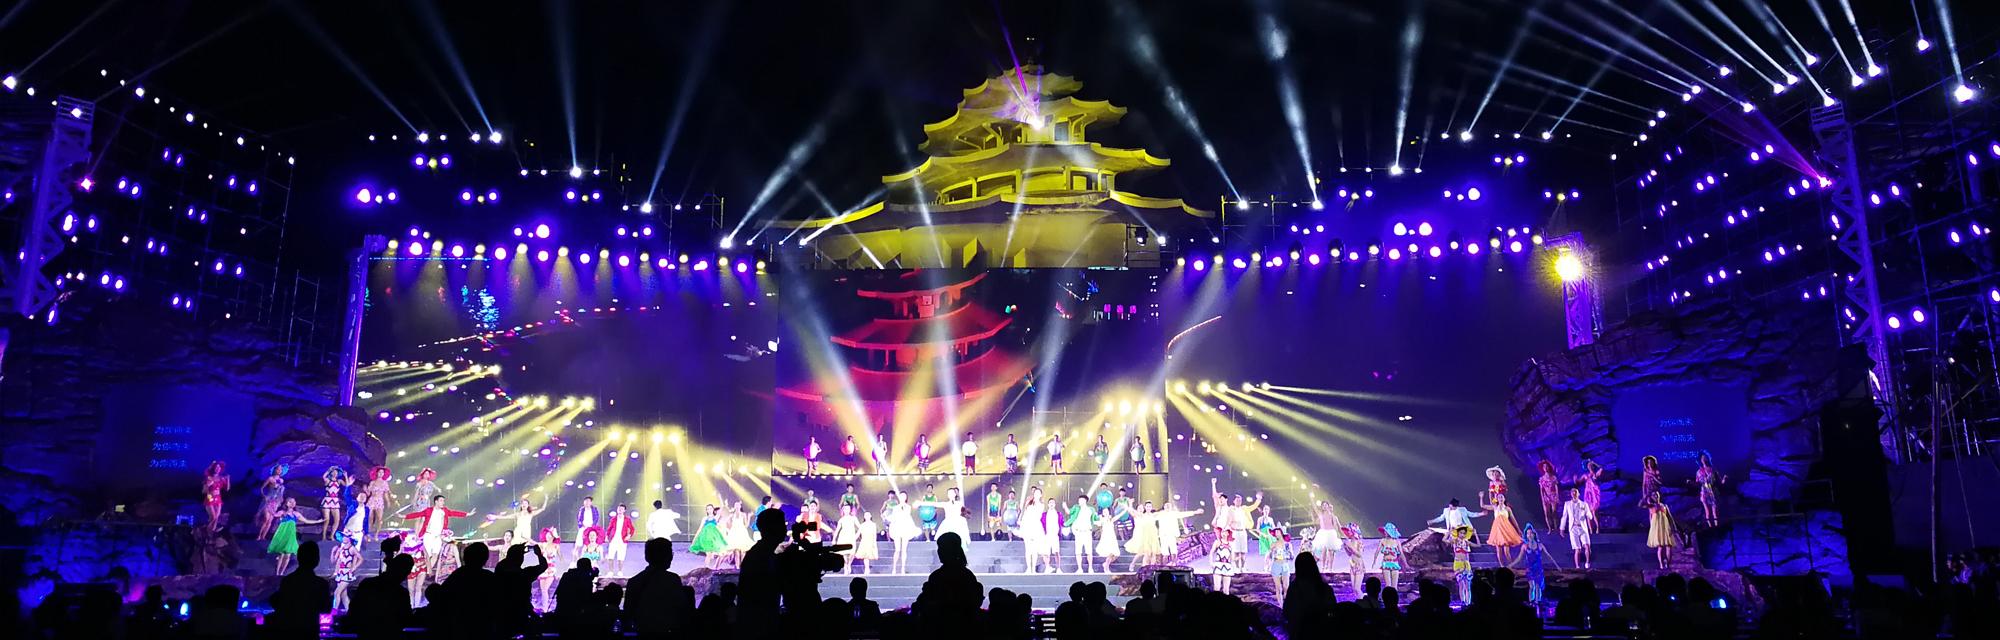 中国·秦皇岛《浪淘沙》多声道实景演出